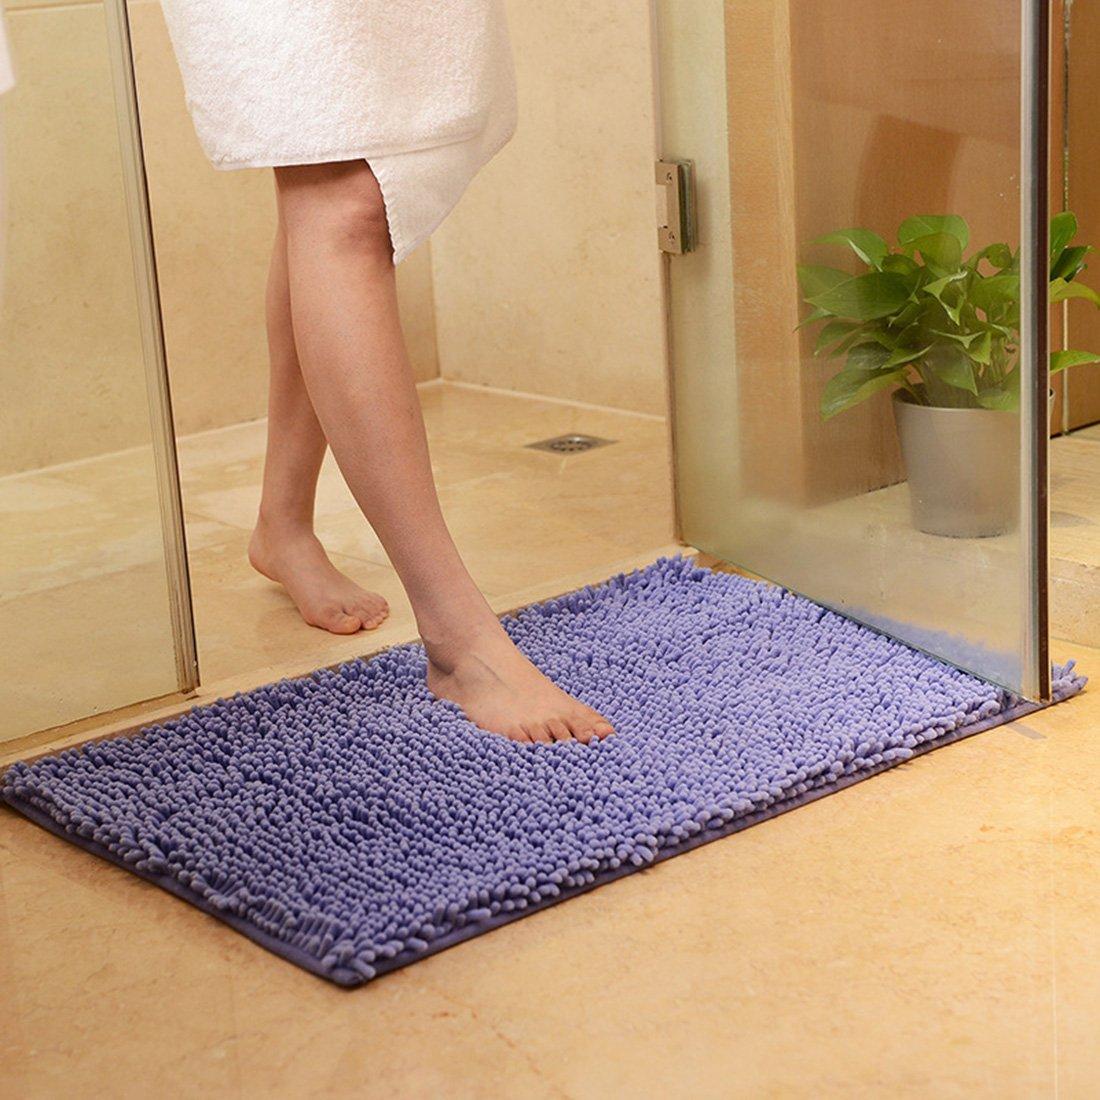 JTENGYAO Non-slip chenille fabric Shag Bathroom Mat, 19.6 x 31.4-Inches